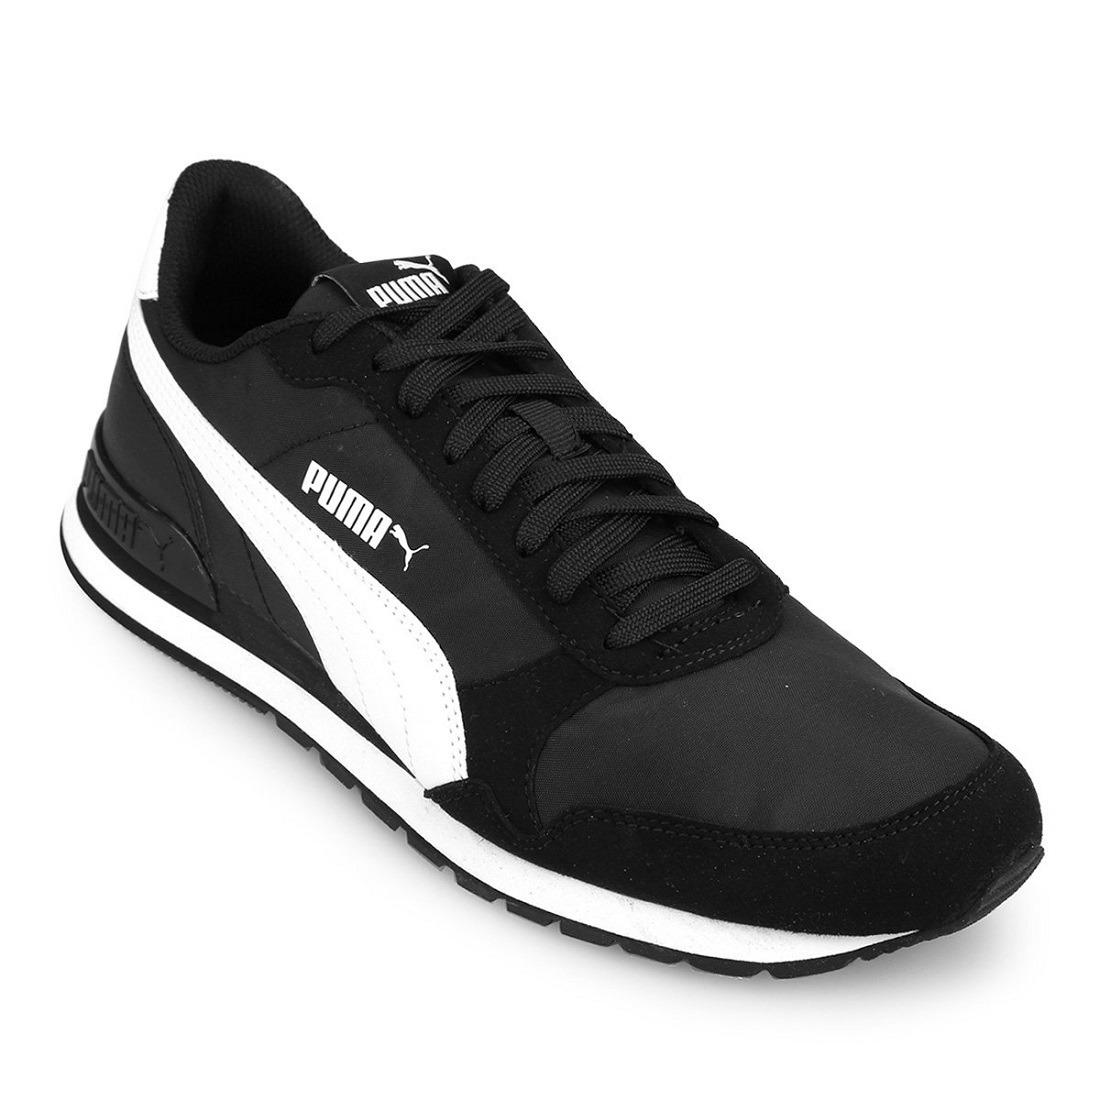 5356e0207d6 Zapatilla Puma St Runner V2 Nl Adp 367108 01 Hombre -   2.899